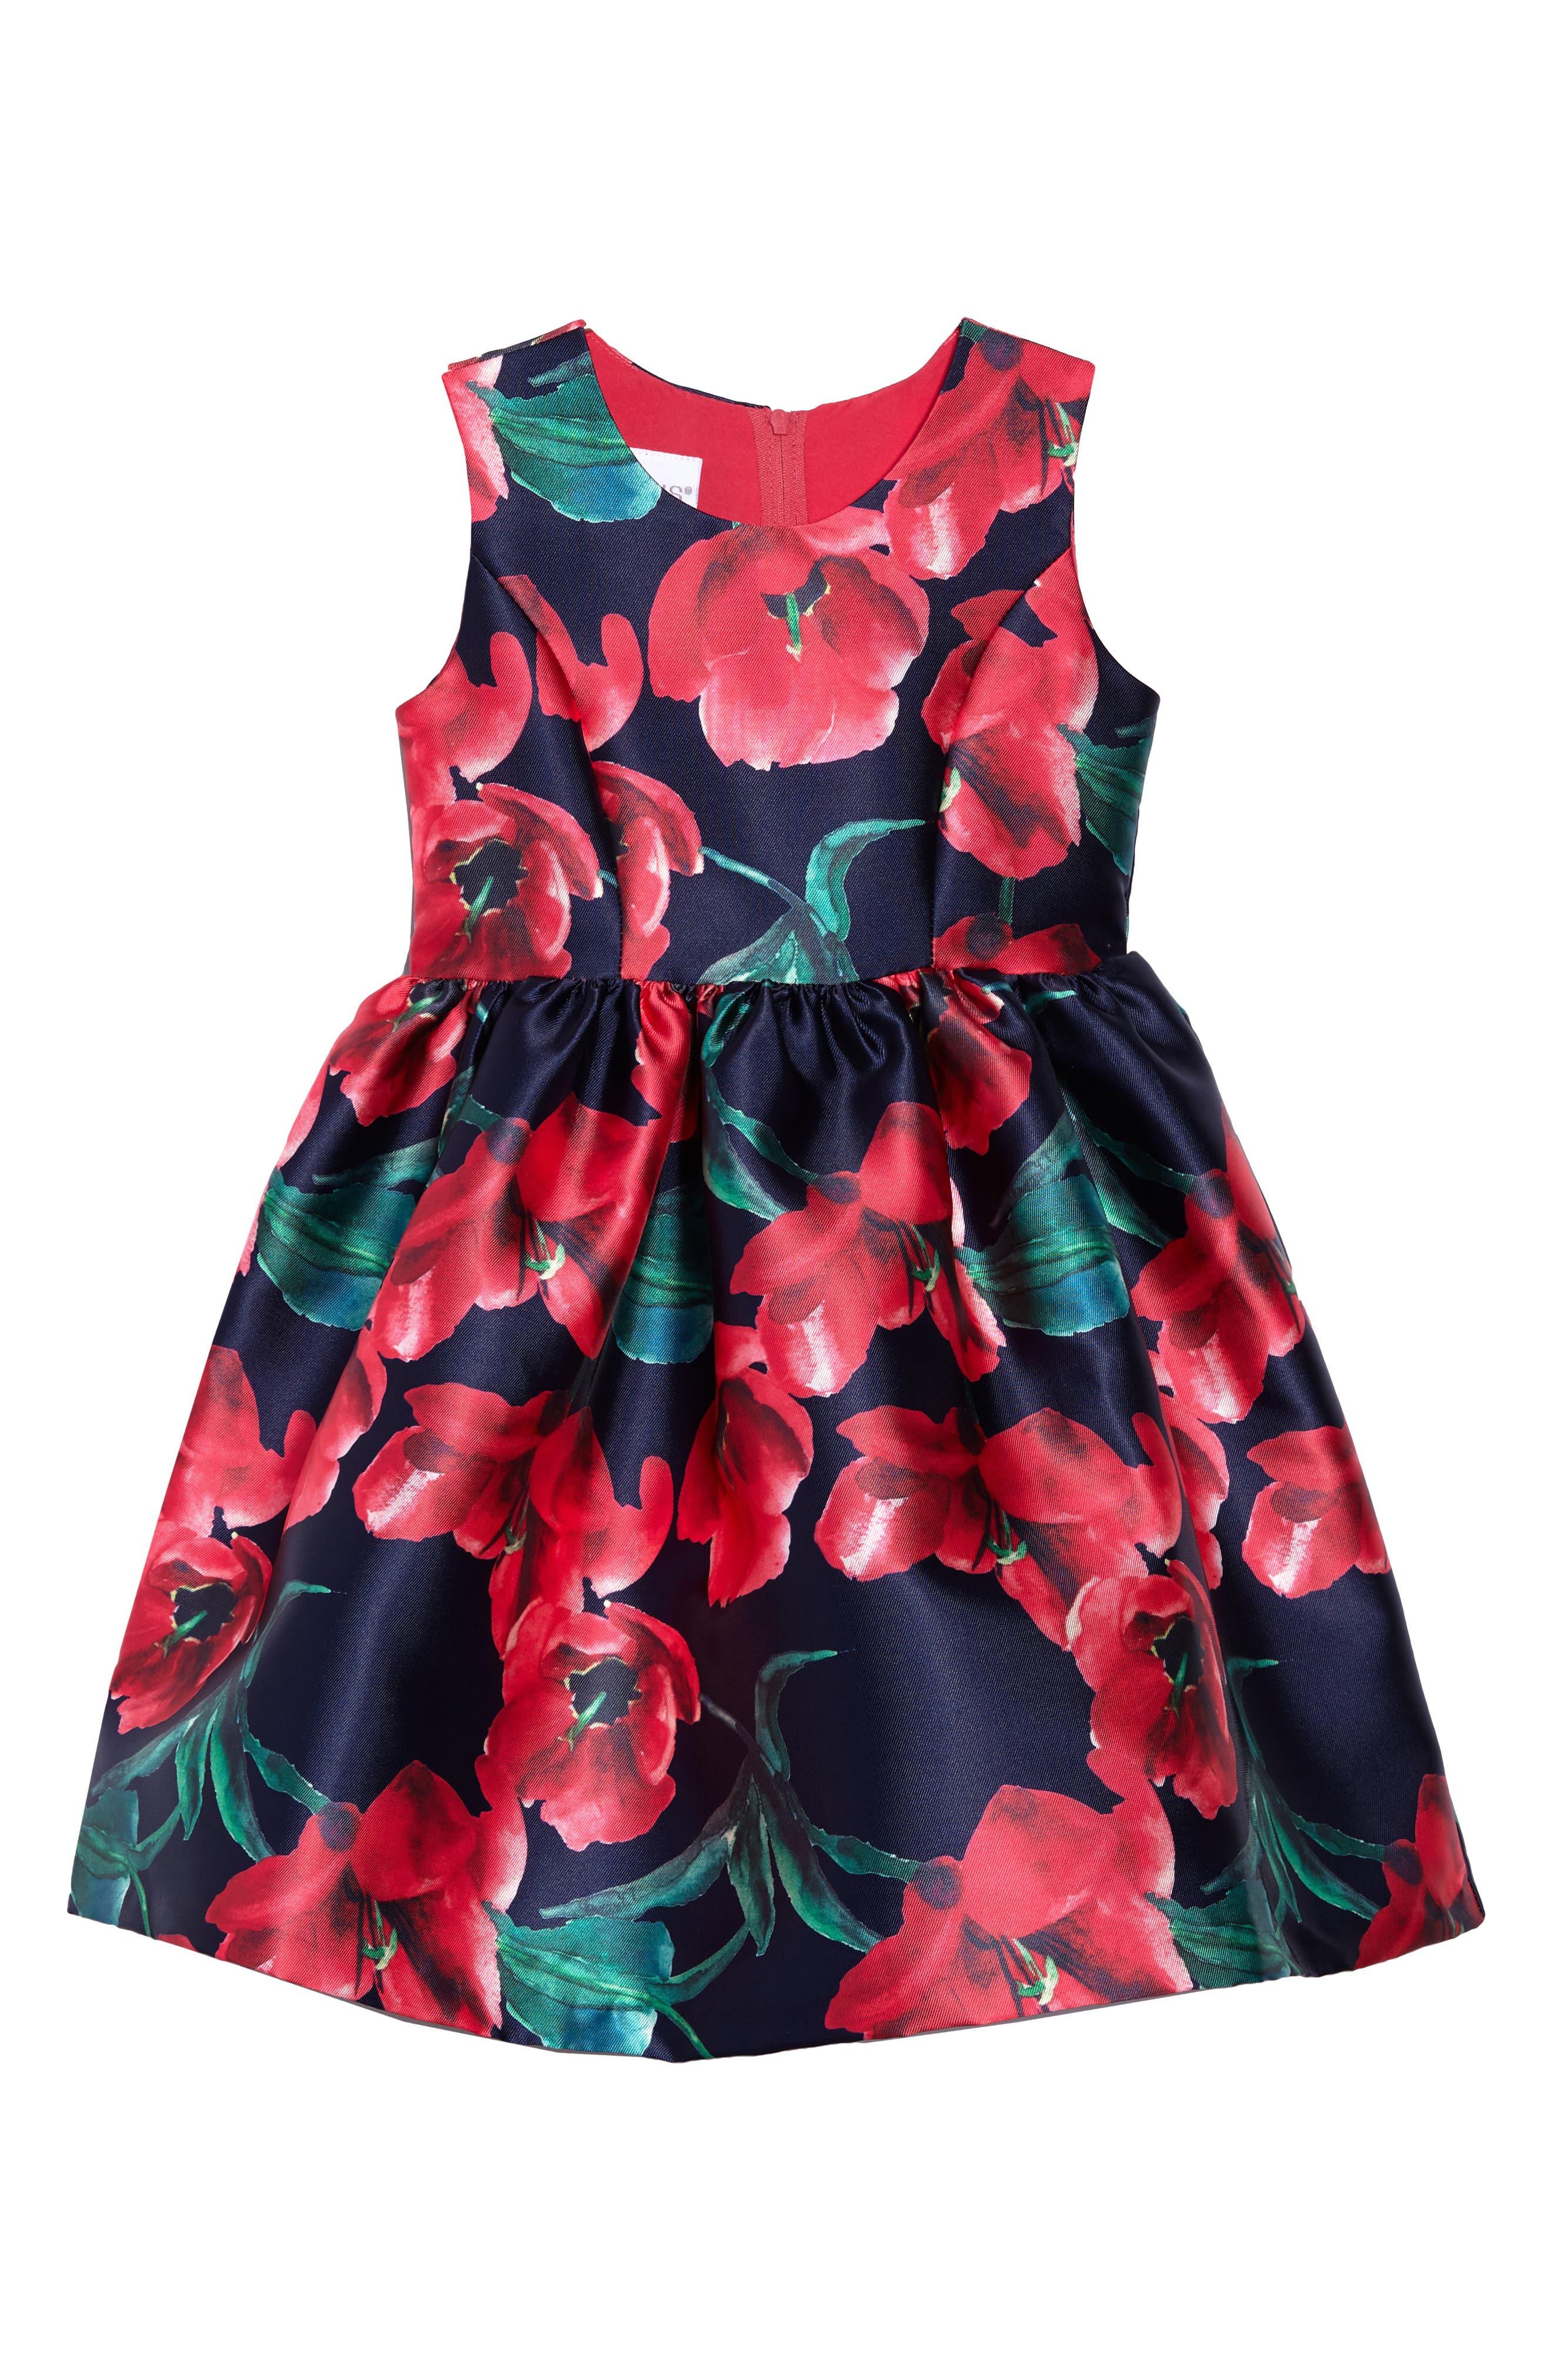 Poppy Party Dress,                         Main,                         color, Navy/ Fuschia